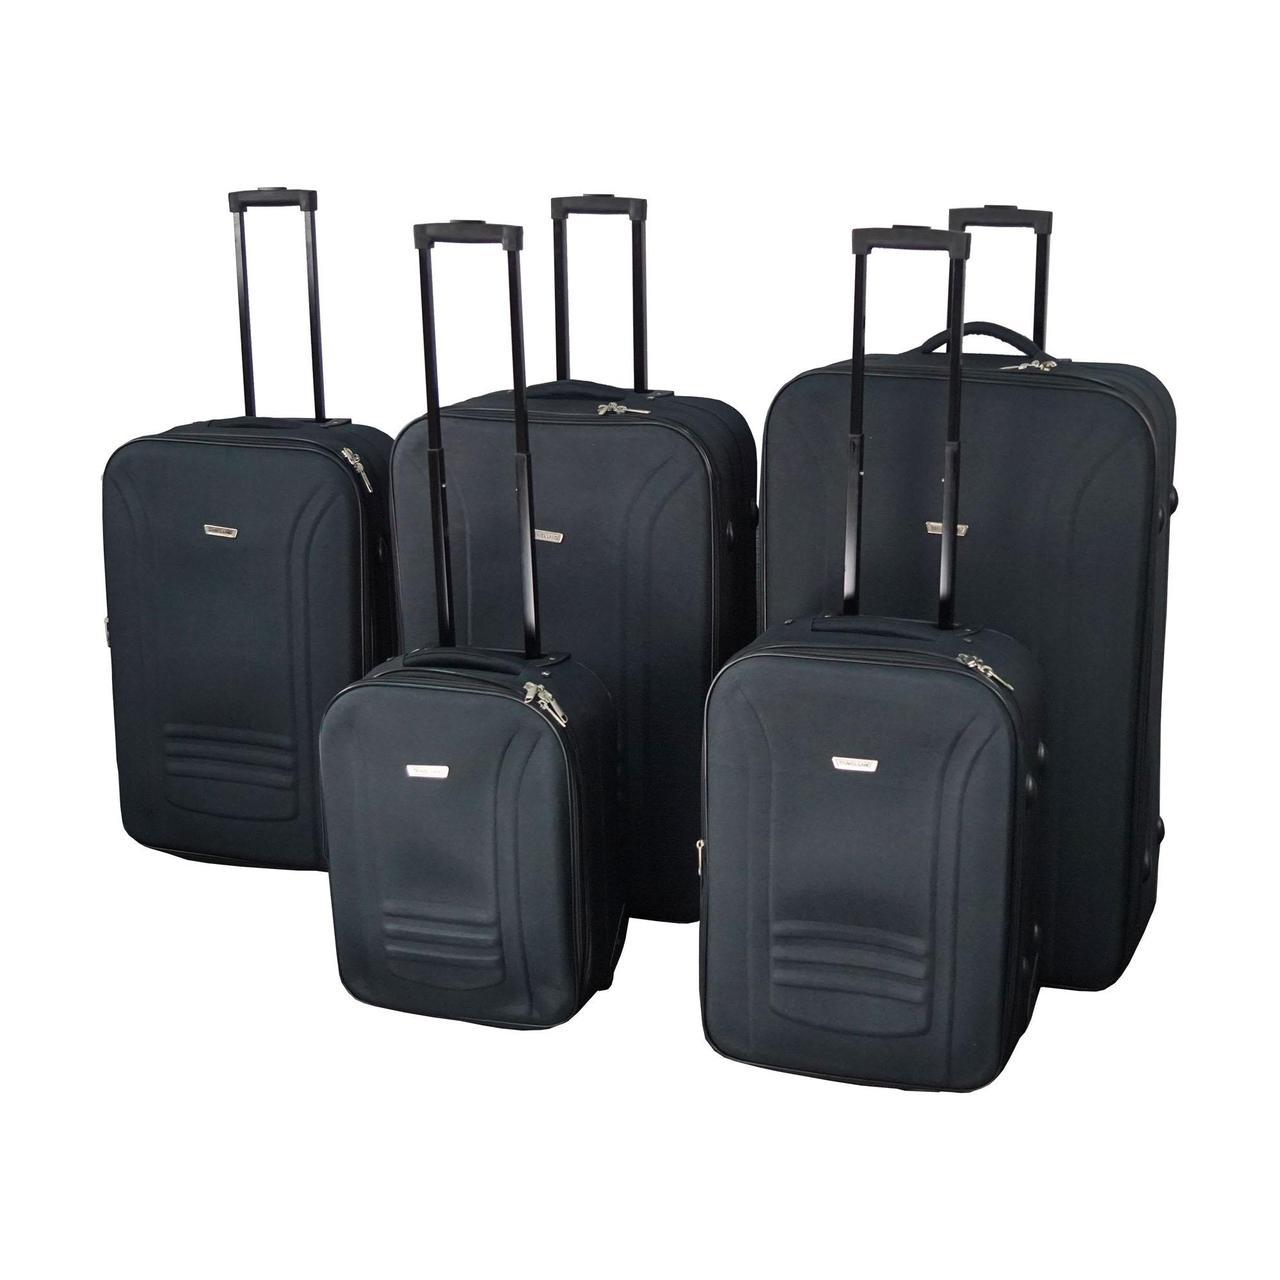 edcb9d76a6d5 Набор чемоданов Travel Land 5 шт (5110-0002) - Интернет-магазин недорогих